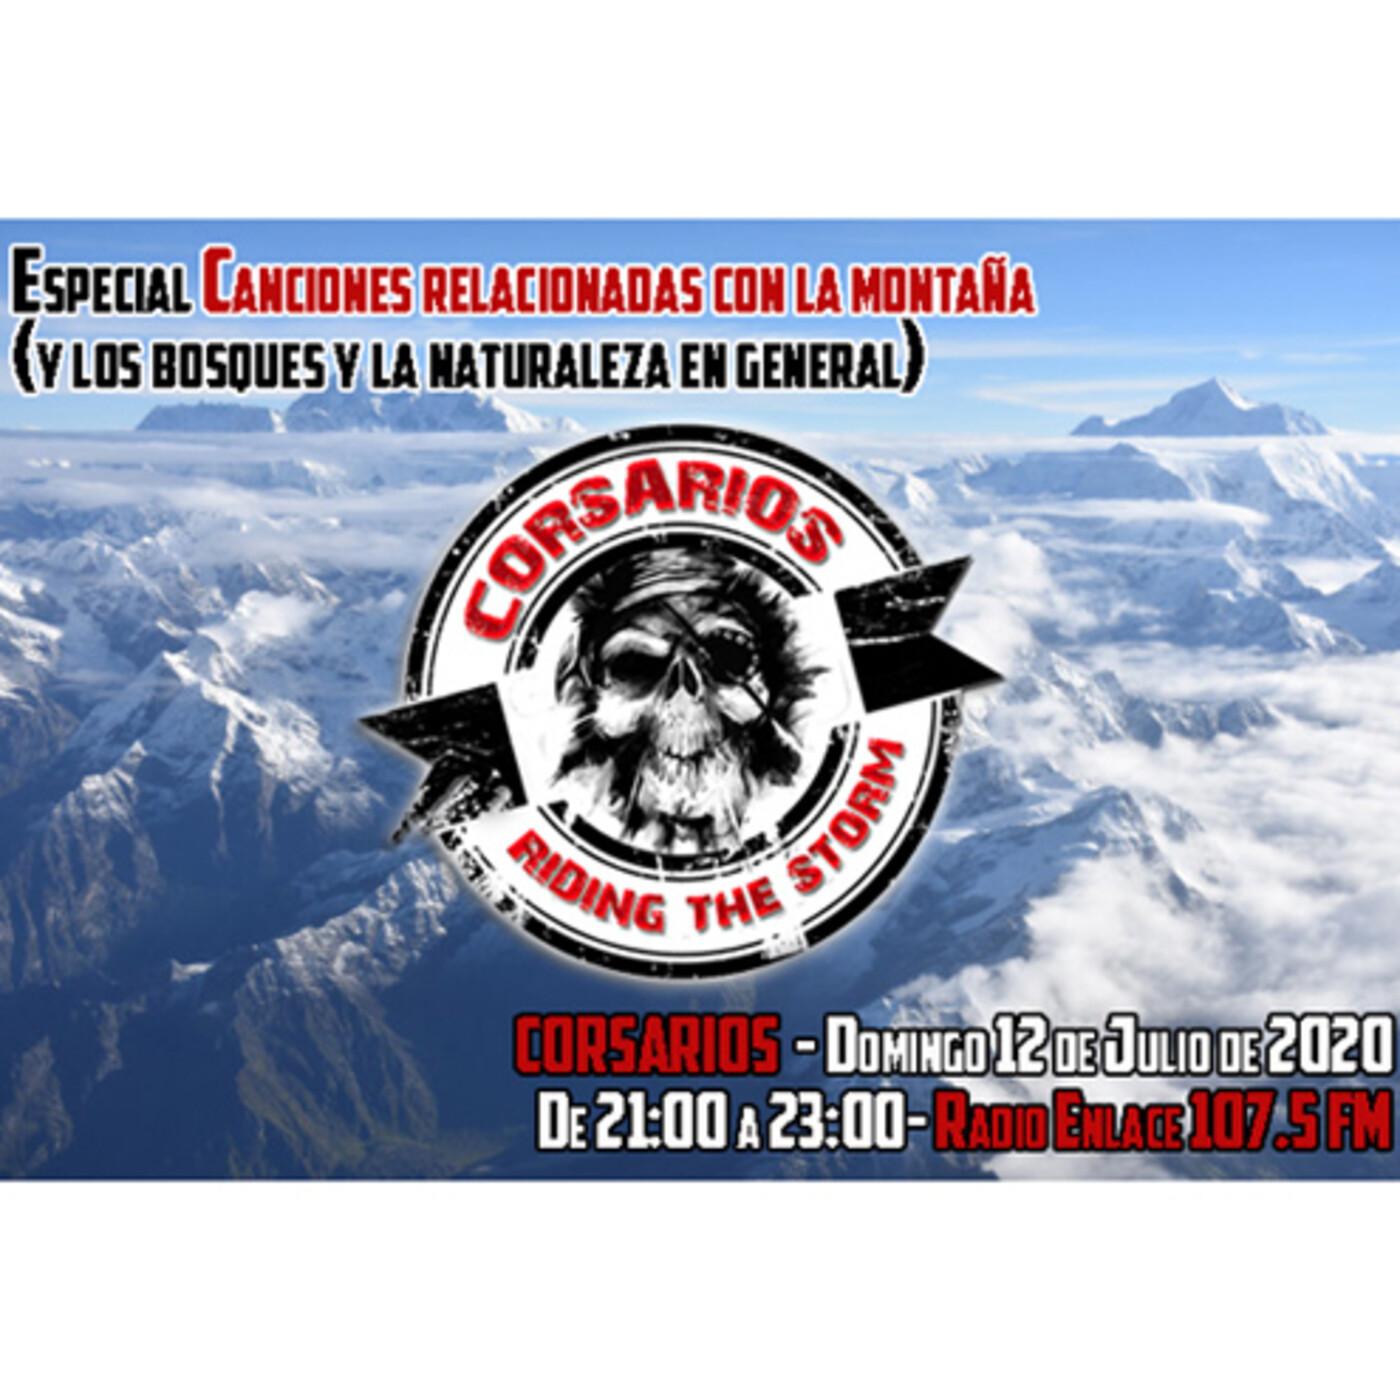 Corsarios - Especial Canciones de la montaña y naturaleza - Domingo 12 julio 2020